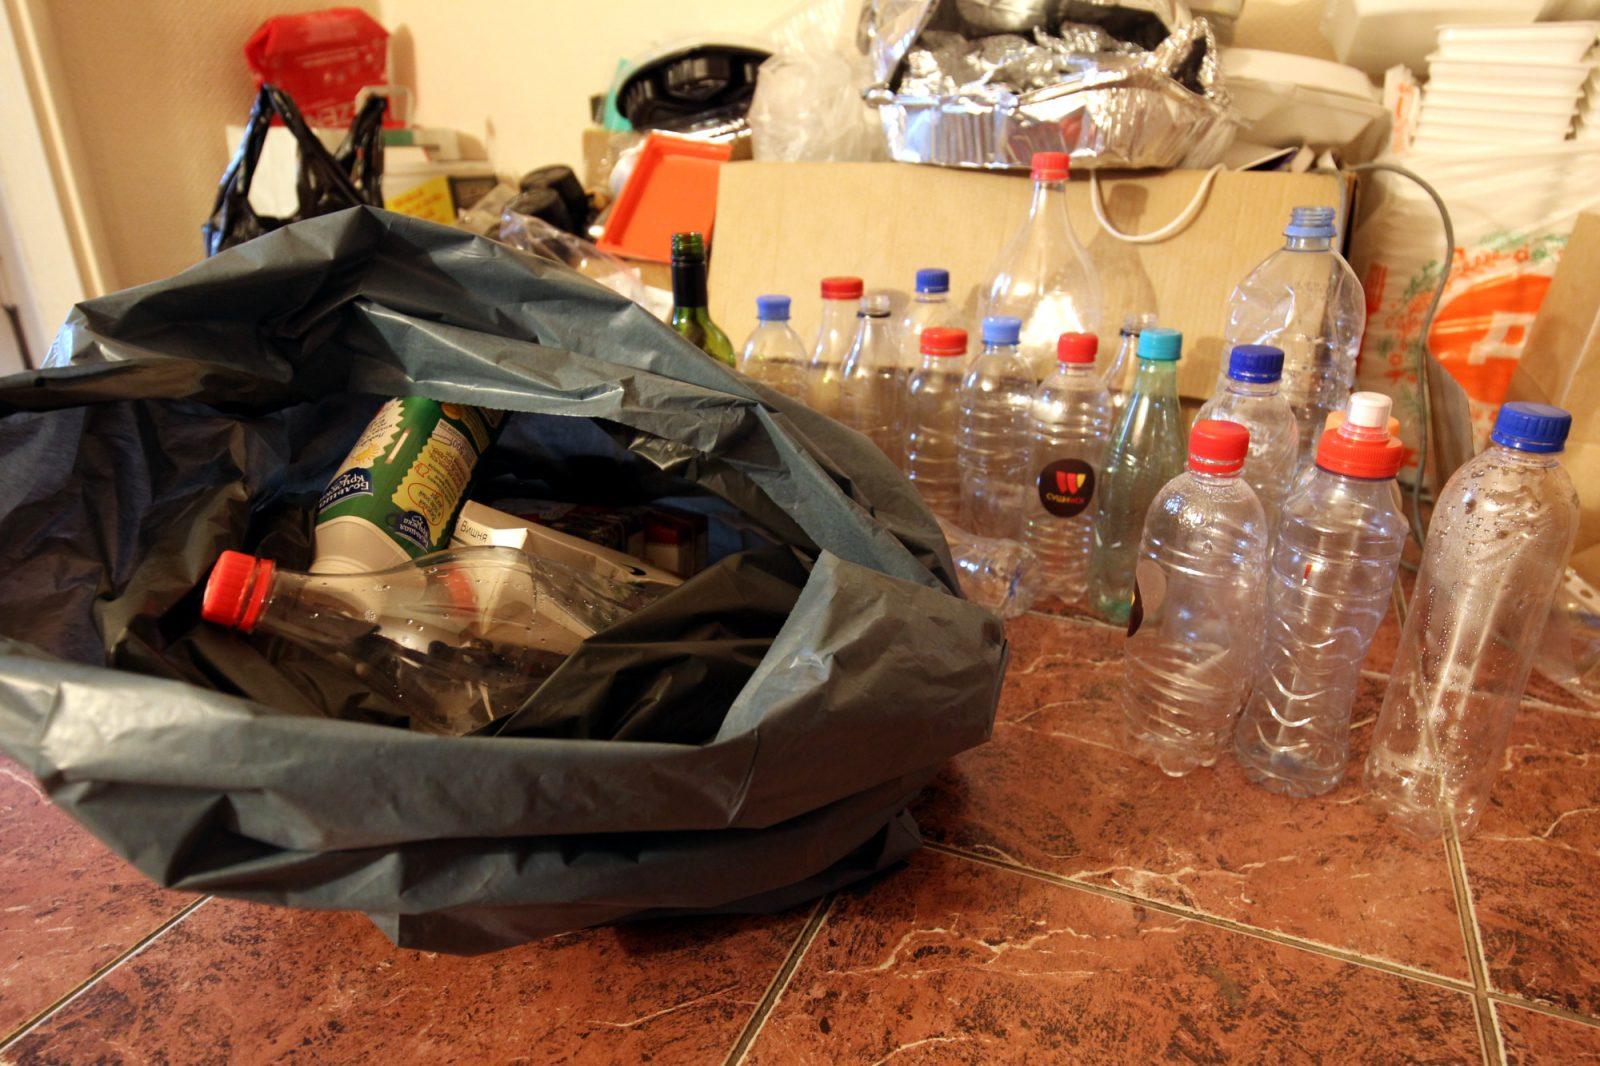 раздельный сбор вторсырьё переработка пластик бутылки